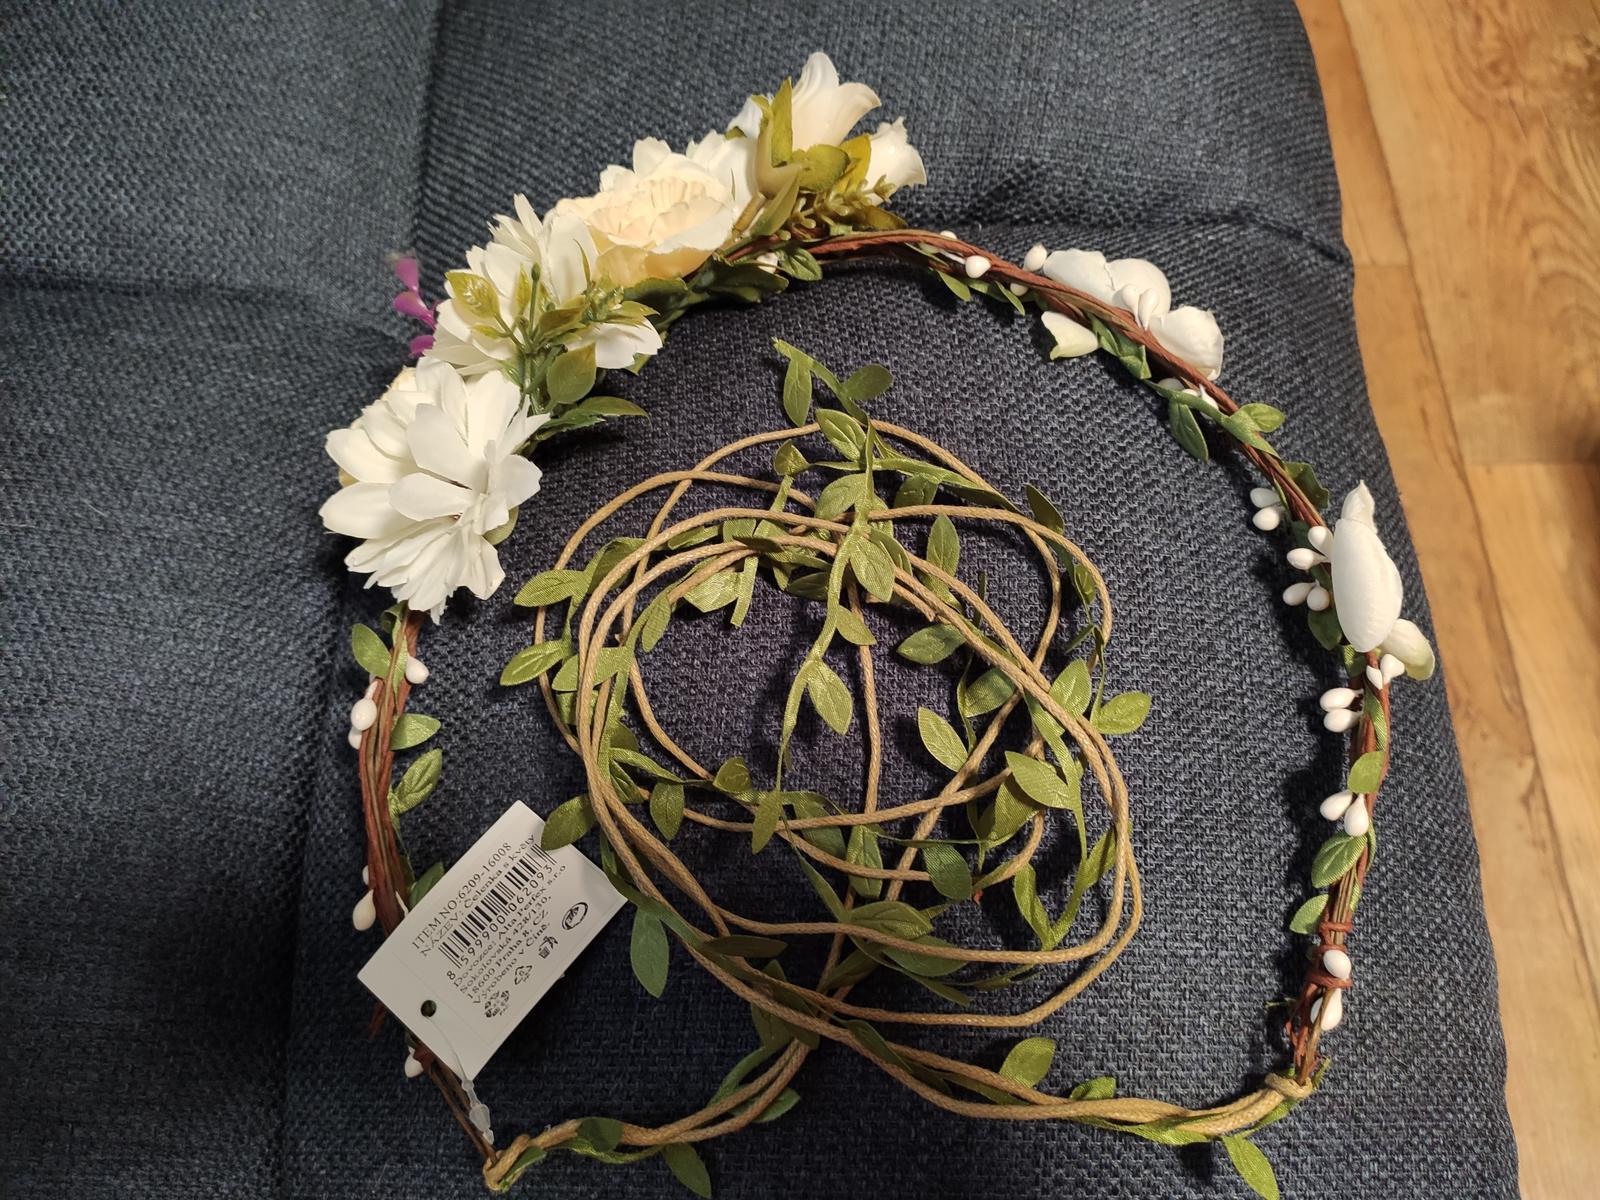 Čelenka do vlasů s květy - Obrázek č. 1